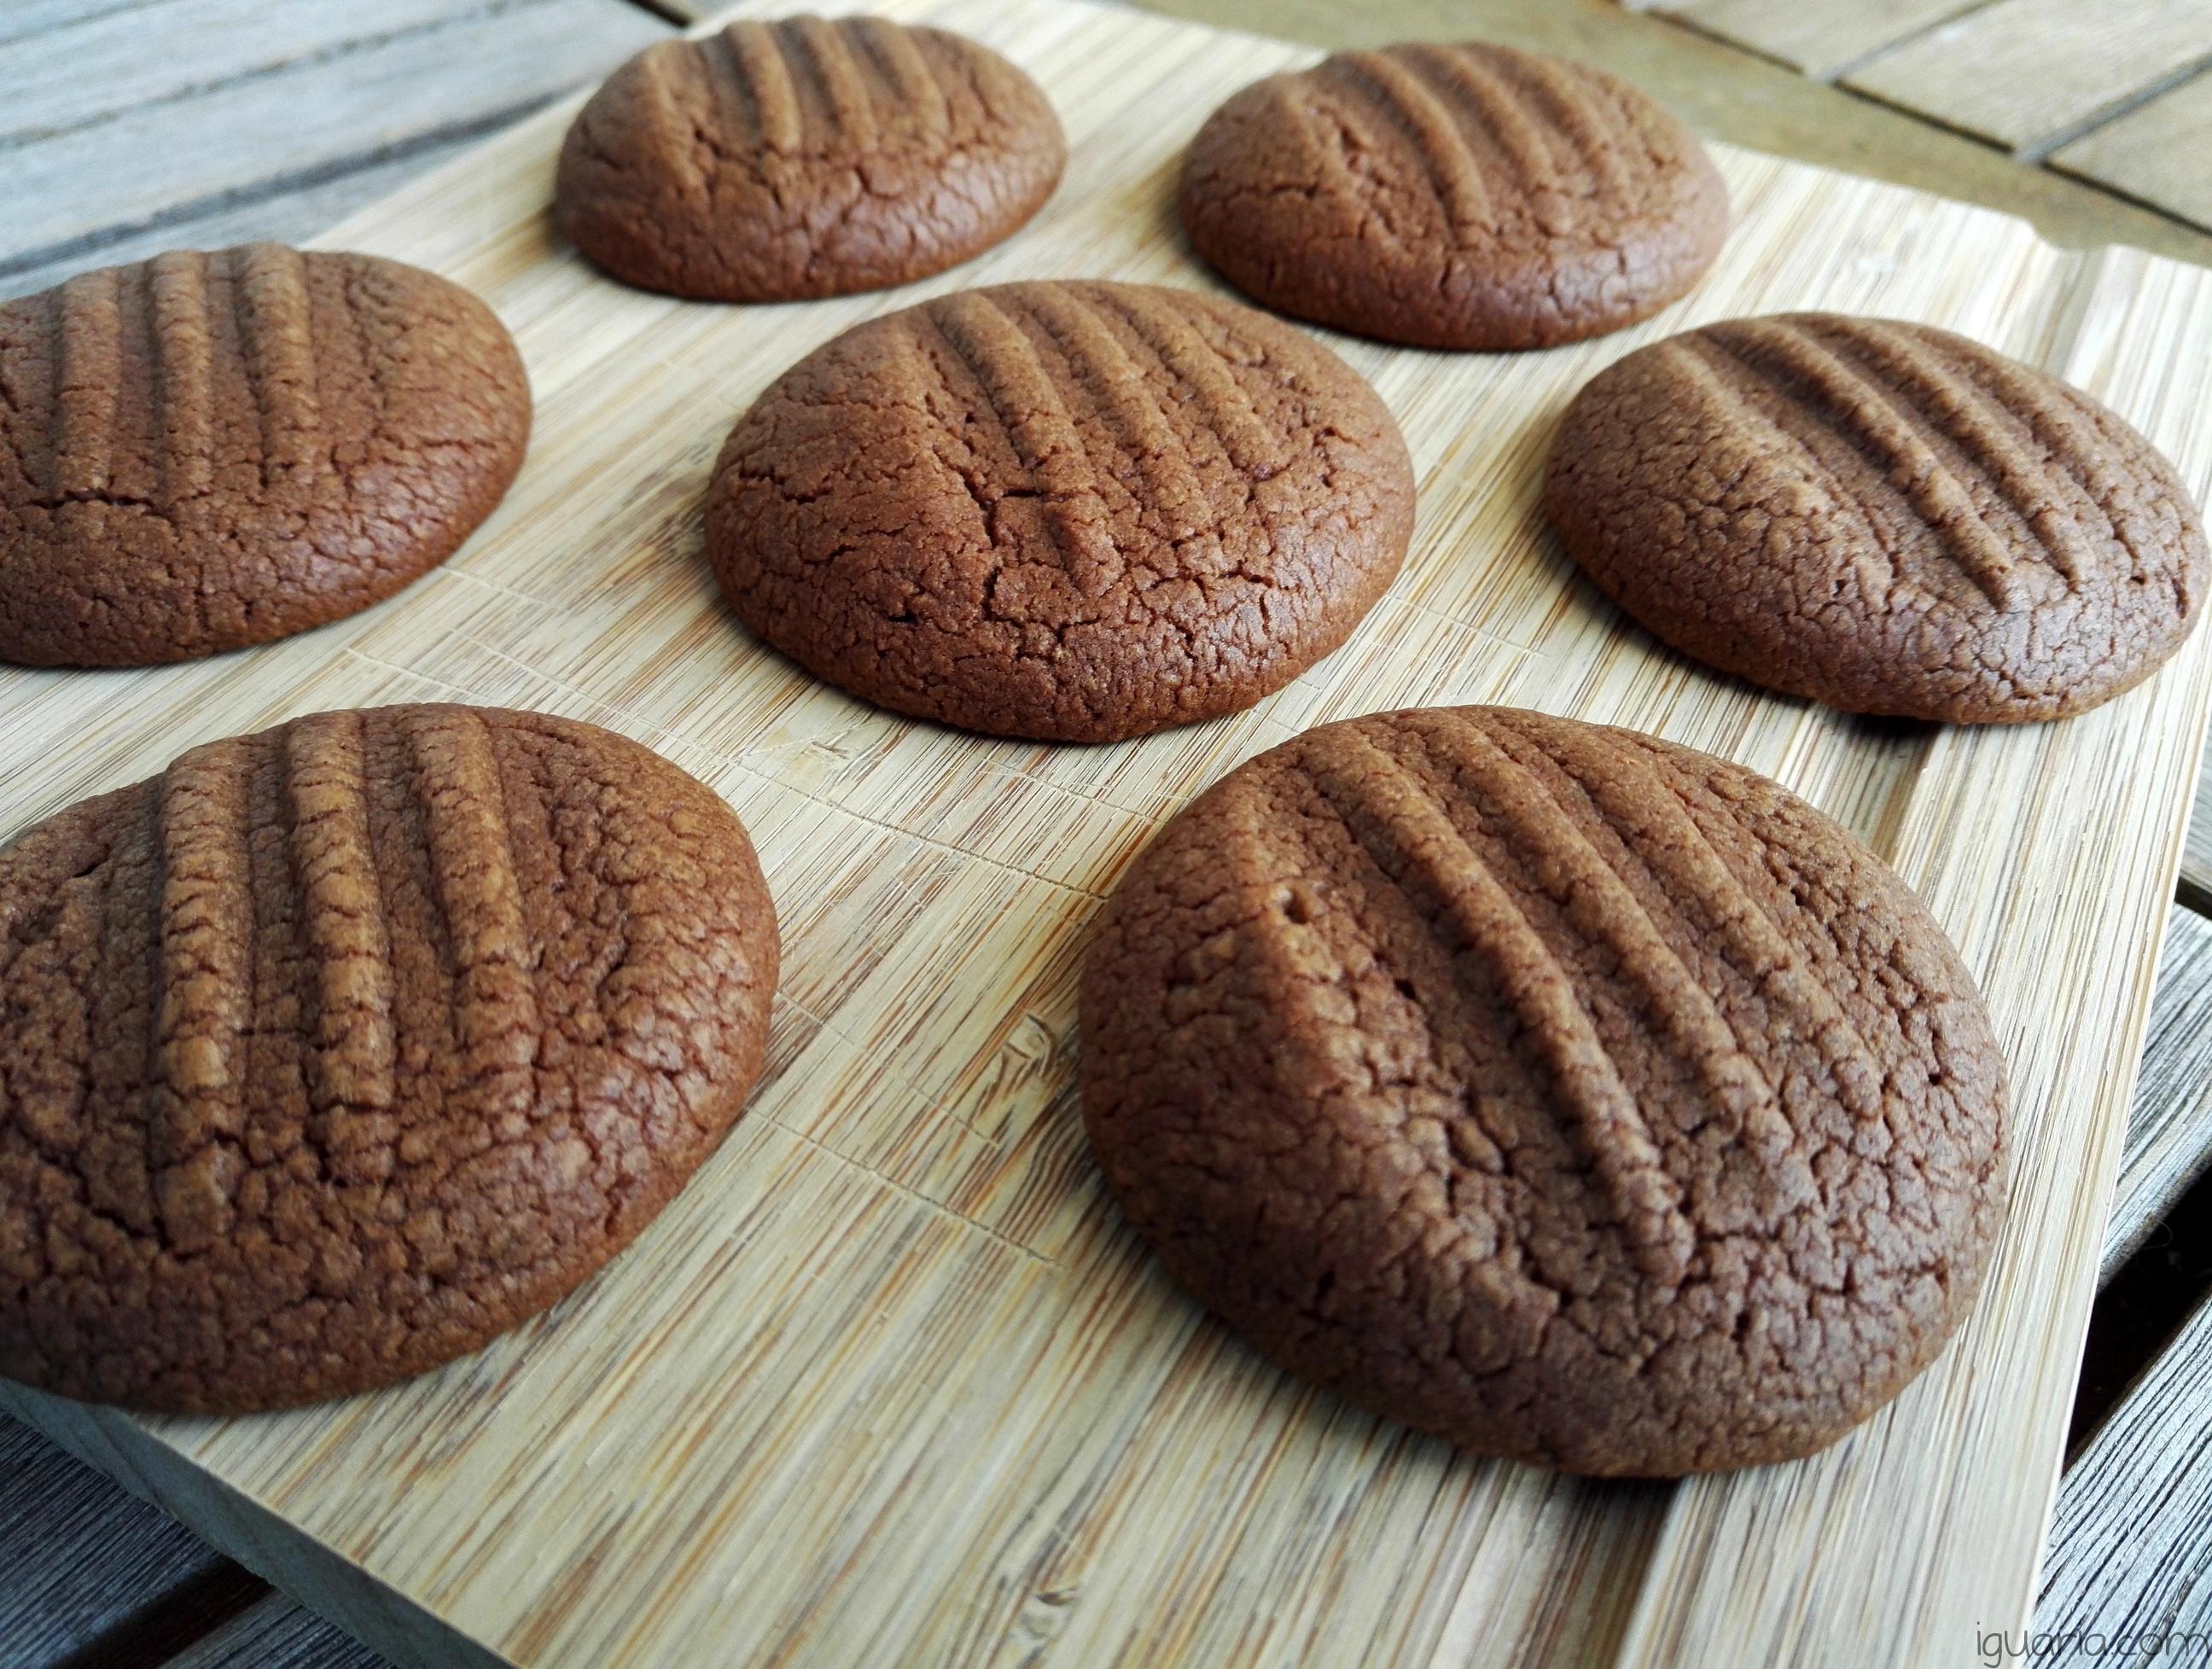 iguaria-biscoitos-deliciosos-de-nutella